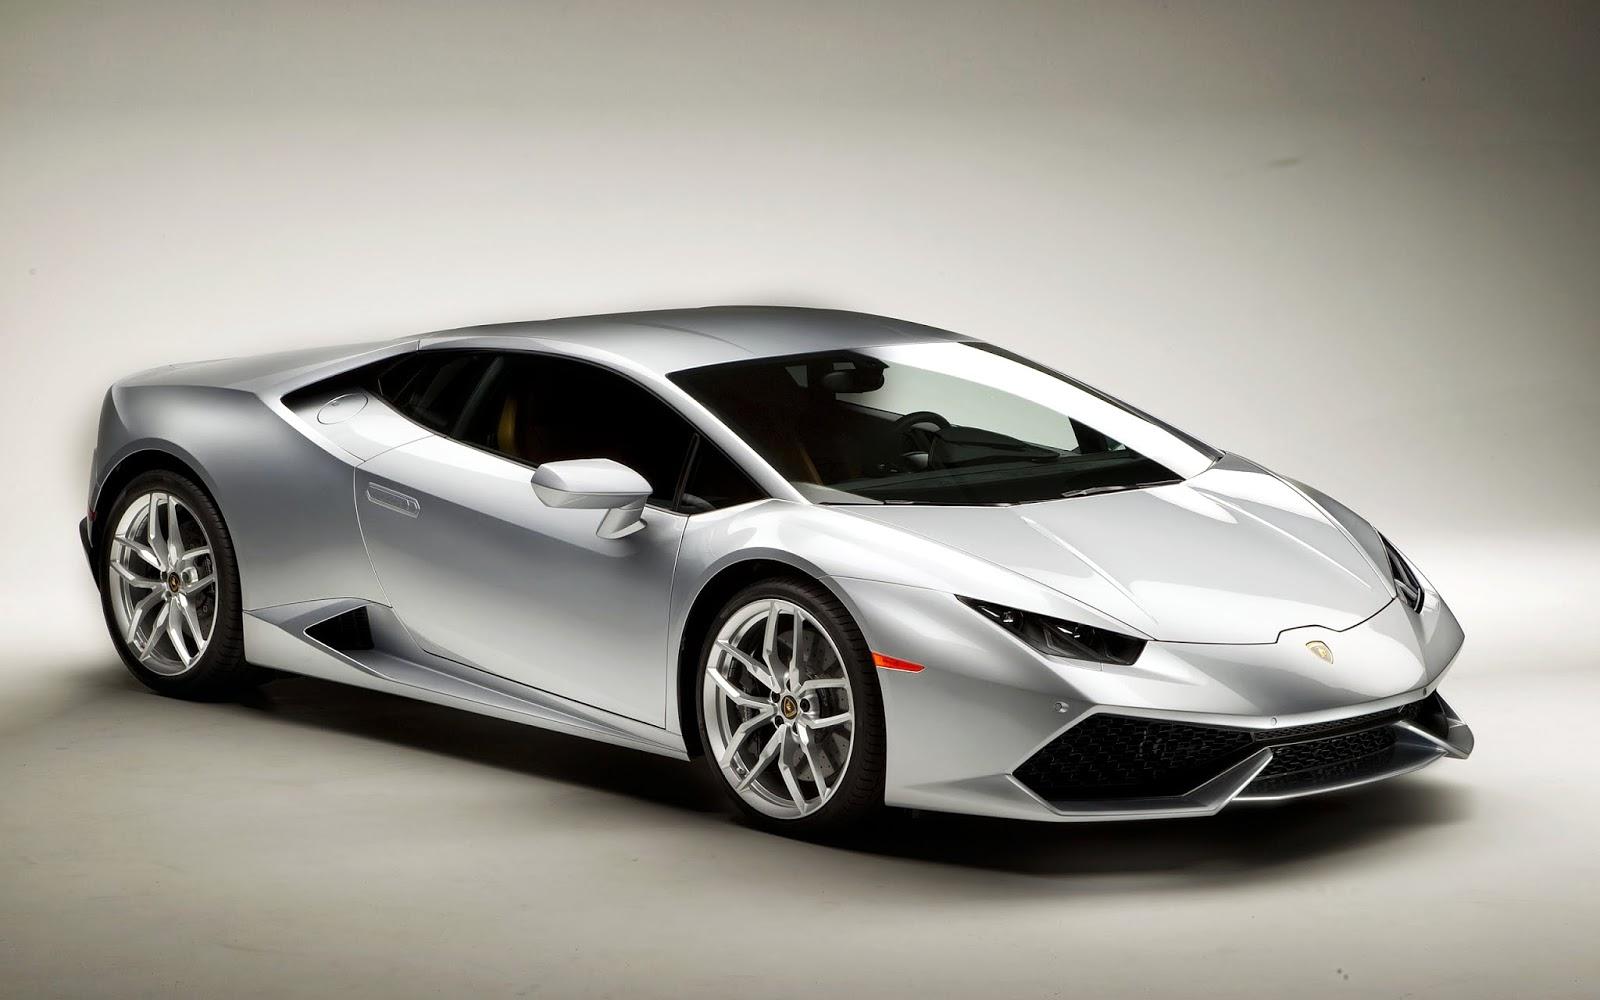 Lamborghini Huracan Wallpaper HD